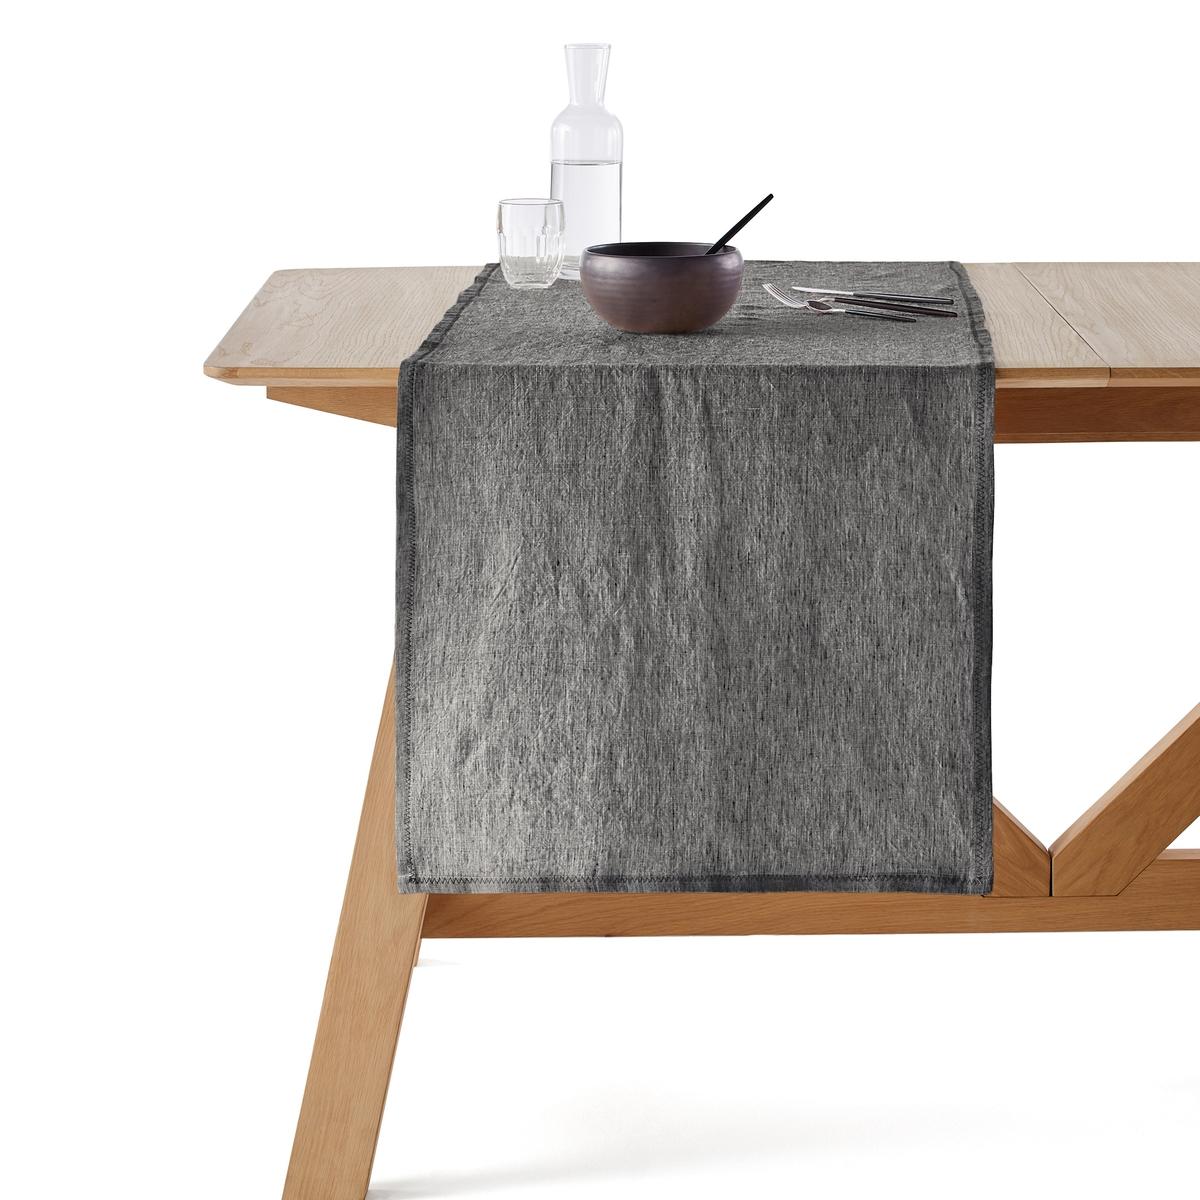 Столовая дорожка из льна 52x150 см, Chandraki дорожка столовая éventail